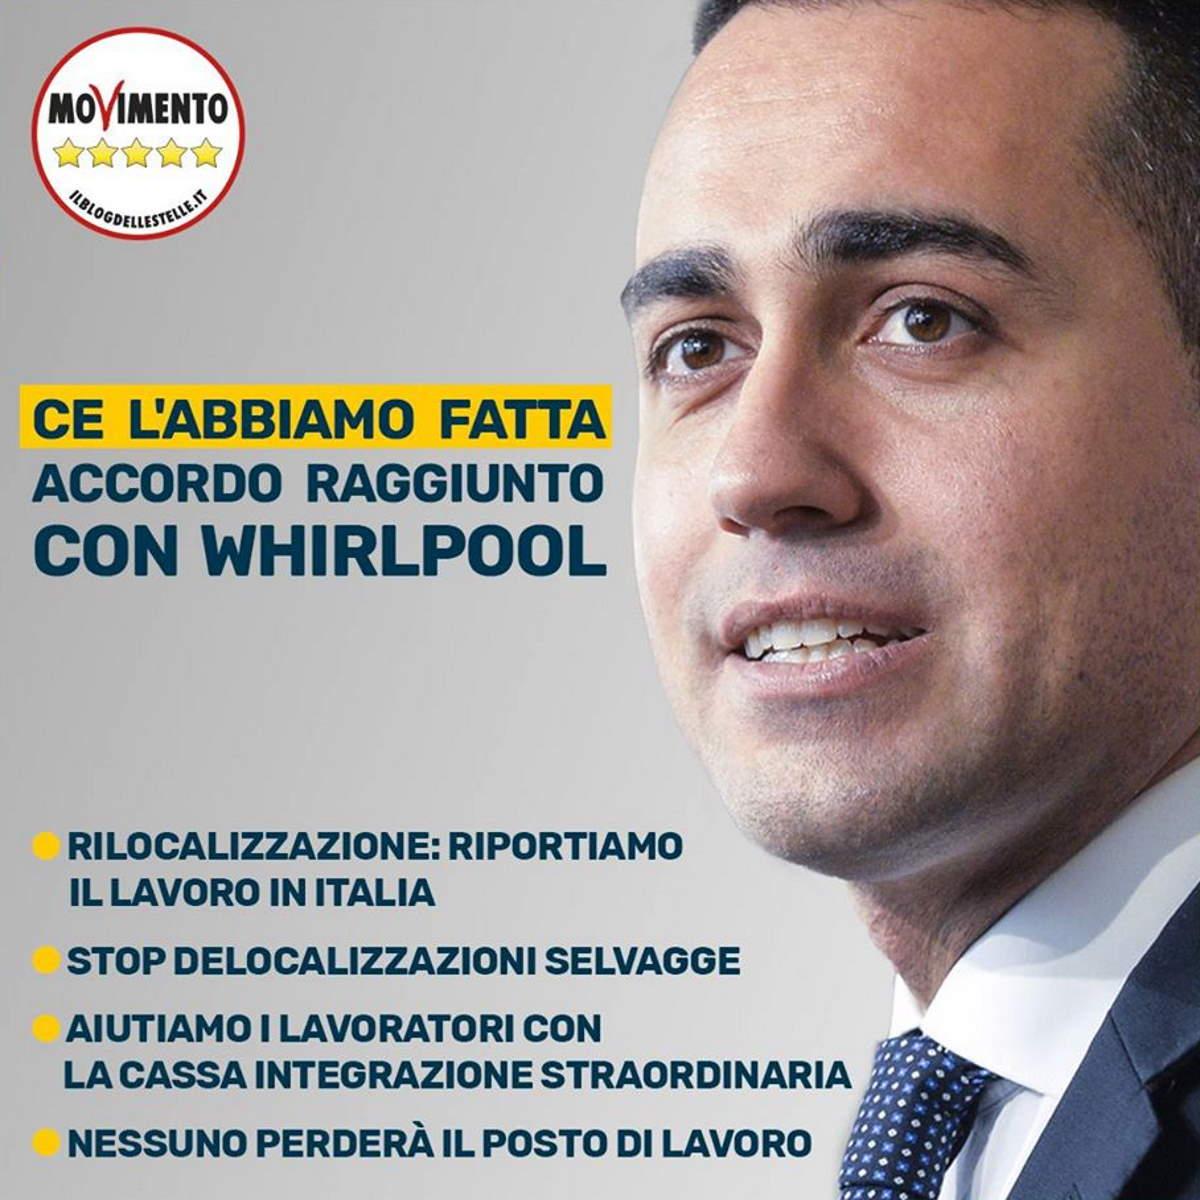 Chiude lo stabilimento della Whirlpool a Napoli